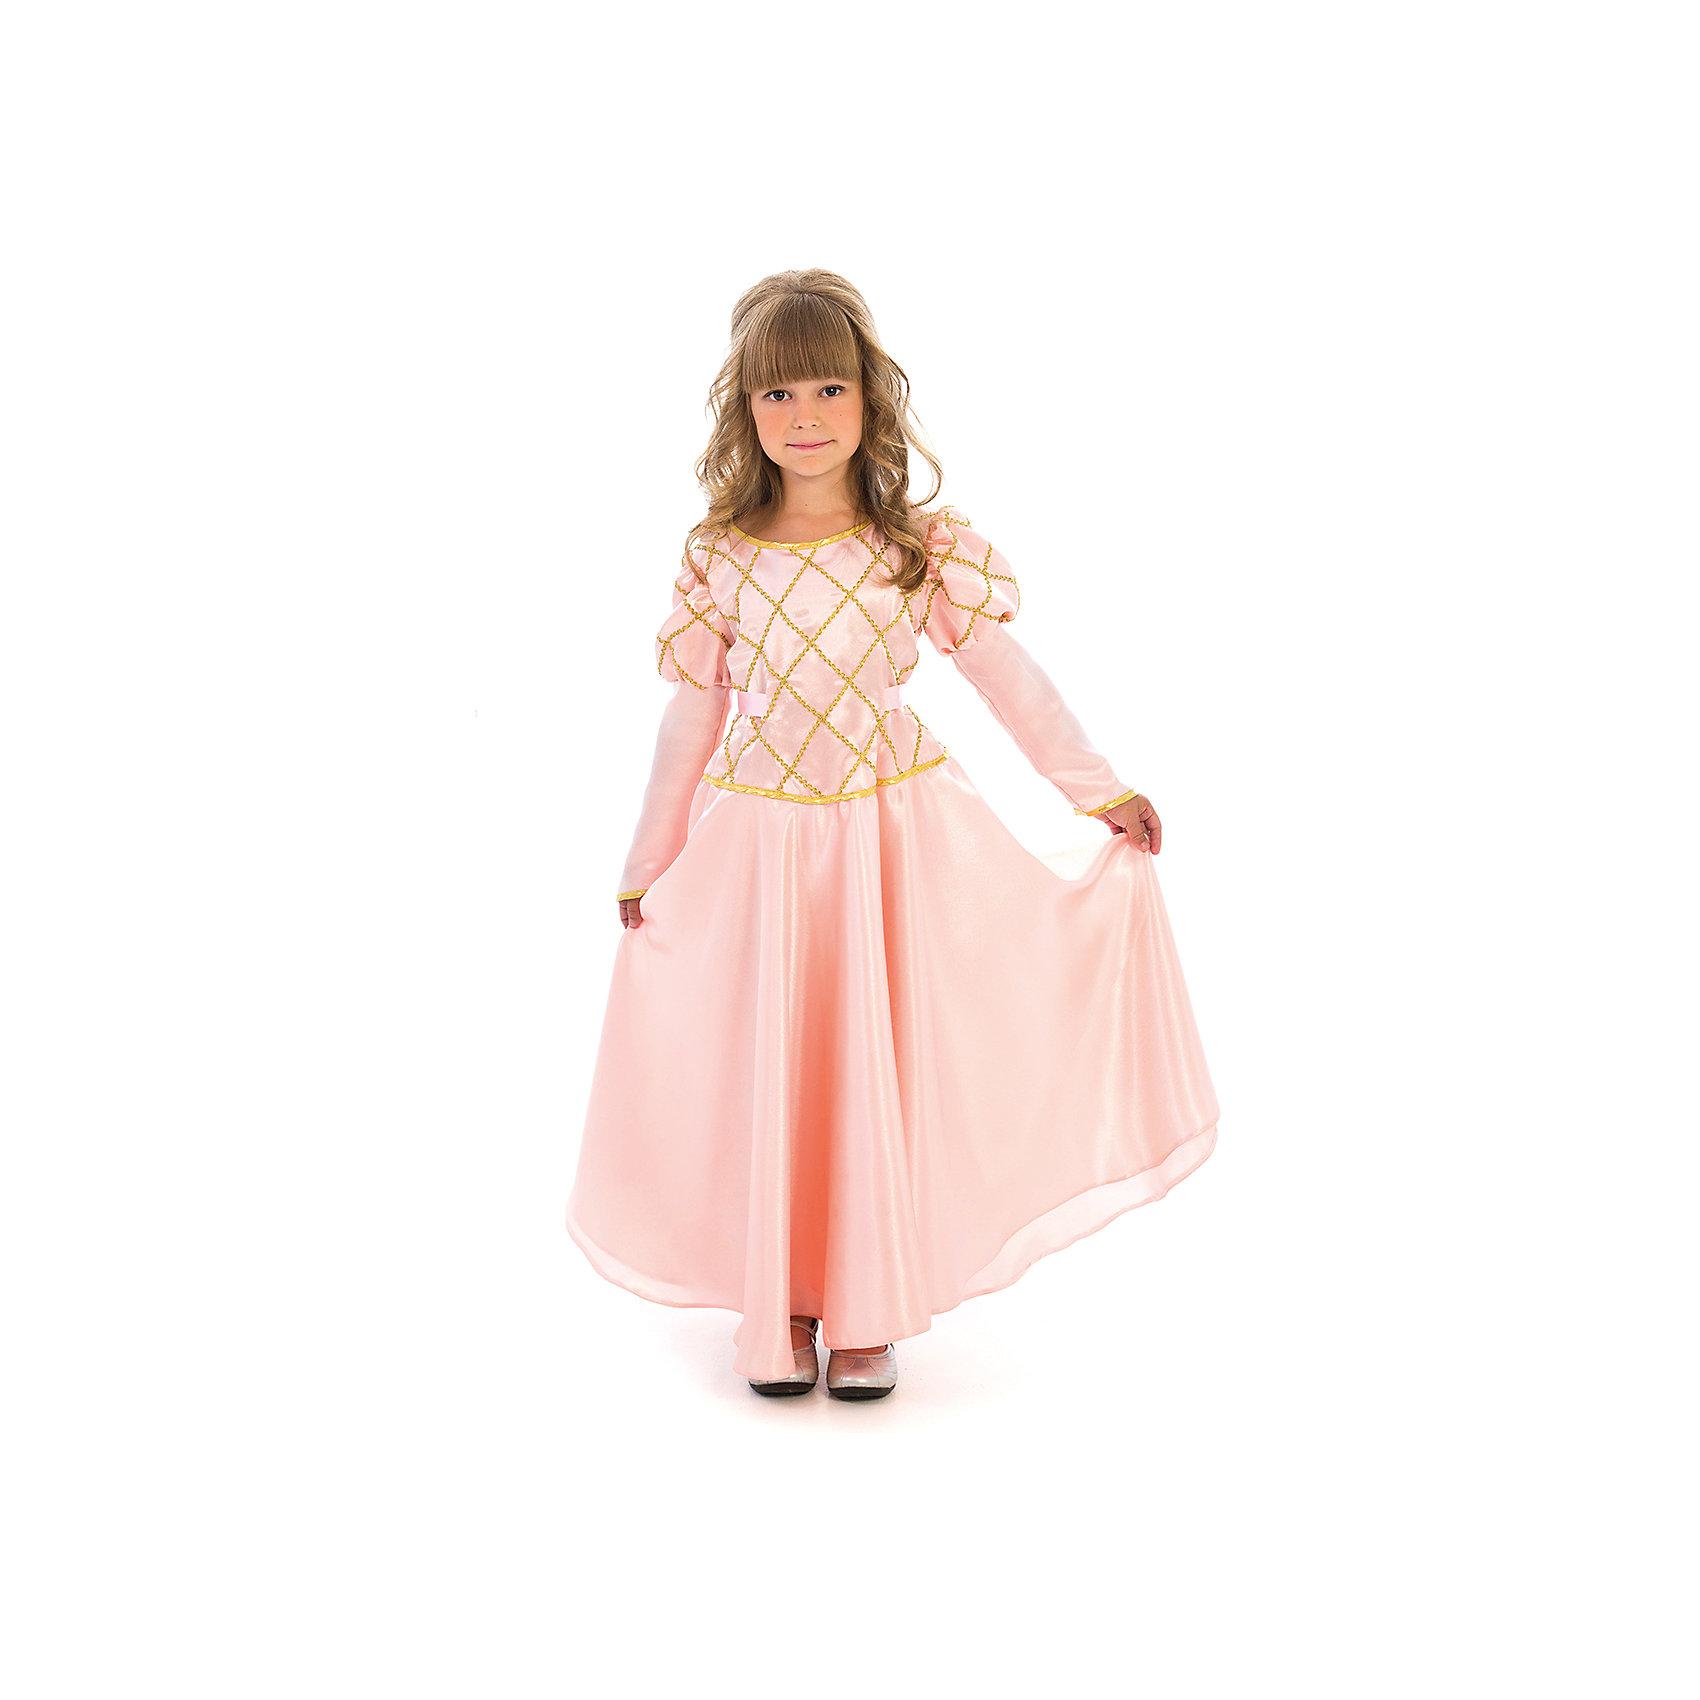 Карнавальный костюм для девочки Принцесса (чайная роза), ВестификаКарнавальный костюм Принцесса предназначен для самых красивых и самых капризных маленьких принцесс. Костюм состоит из красивого пышного бального платья и подъюбника с несколькими слоями фатина, который создает пышность и придает юбке дополнительный объем. Ворот и рукава оторочены золотой бейкой, само платье украшено золотой тесьмой. По ширине платье регулируется поясом, который можно завязать на спине в красивый бант. Платье застегивается на спине на липучки.<br><br>Дополнительная информация:<br><br>Комплектация:<br>Платье из тафеты<br>Подъюбник из бязи и фатина<br>Ткани:<br>Крепсатин (100% полиэстер)<br>Фатин (100% полиэстер)<br>Бязь (100% хлопок)<br><br>Карнавальный костюм для девочки Принцесса (чайная роза), Вестифика можно купить в нашем магазине.<br><br>Ширина мм: 236<br>Глубина мм: 16<br>Высота мм: 184<br>Вес г: 340<br>Цвет: разноцветный<br>Возраст от месяцев: 72<br>Возраст до месяцев: 84<br>Пол: Женский<br>Возраст: Детский<br>Размер: 116/122<br>SKU: 4389261